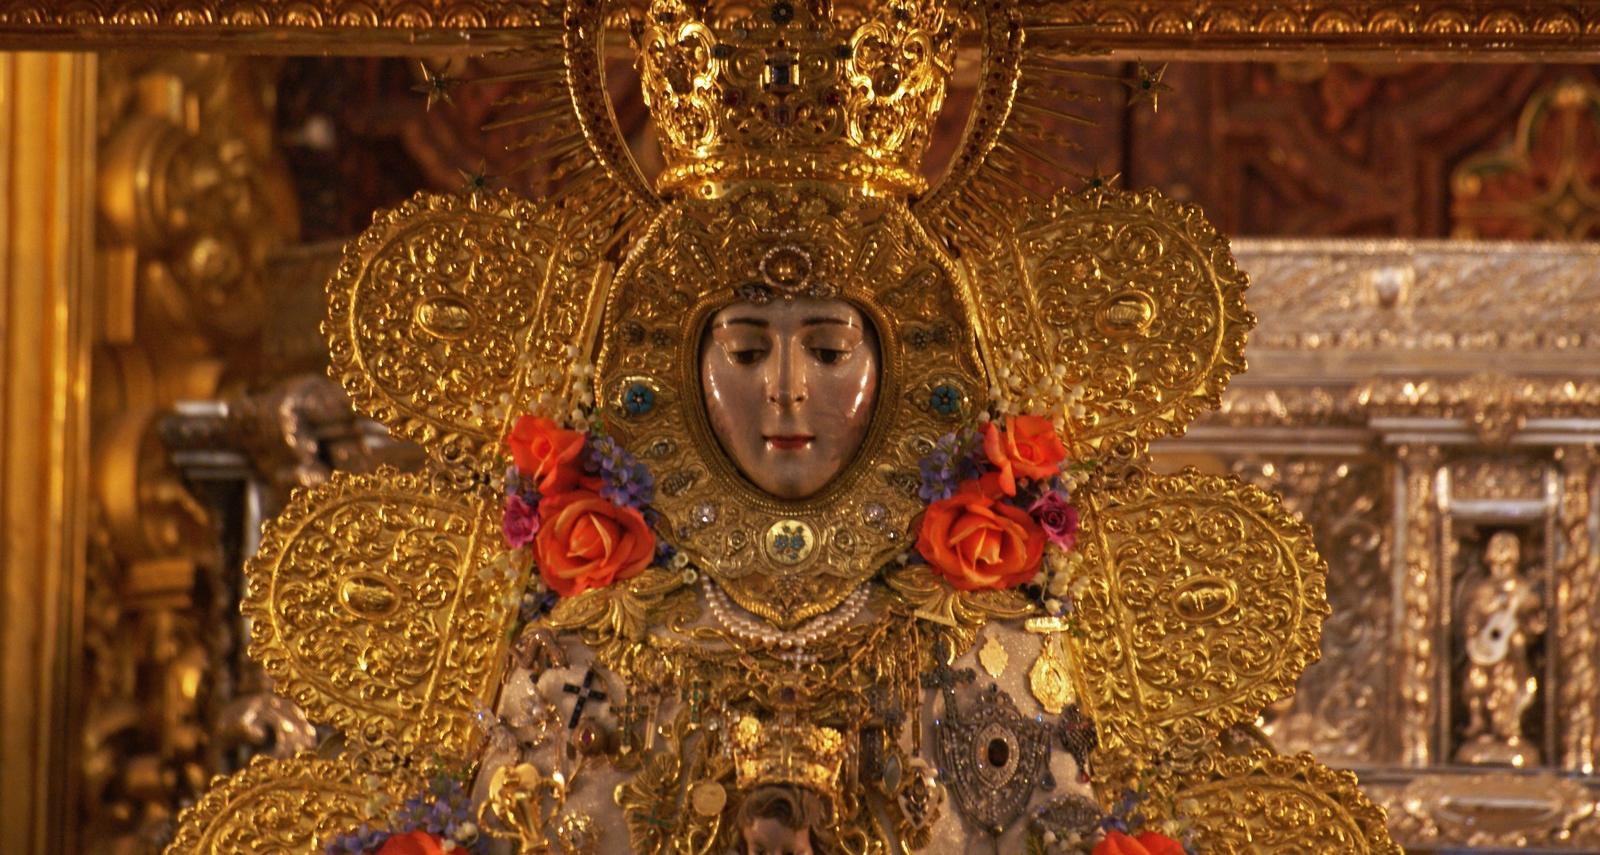 Virgen del Rocío, la Devoción con más Militancia en España, España (11 may)